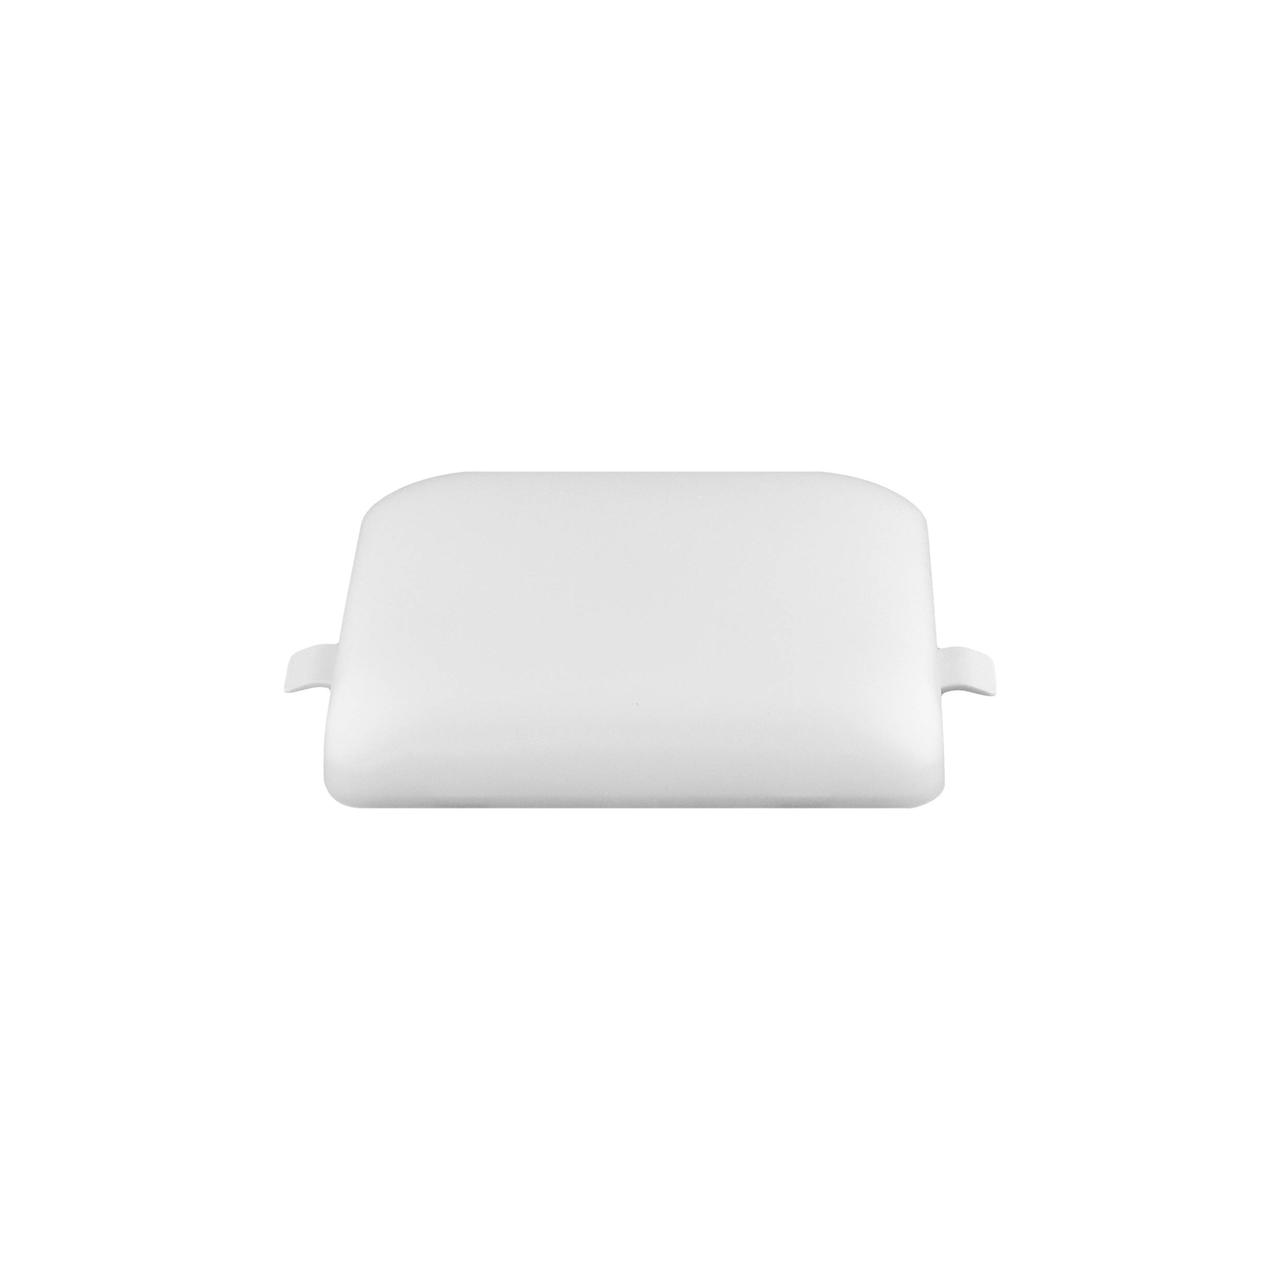 Led світильник накладної таблетка квадрат білий PC0018-32Q SQ 18W 6000K